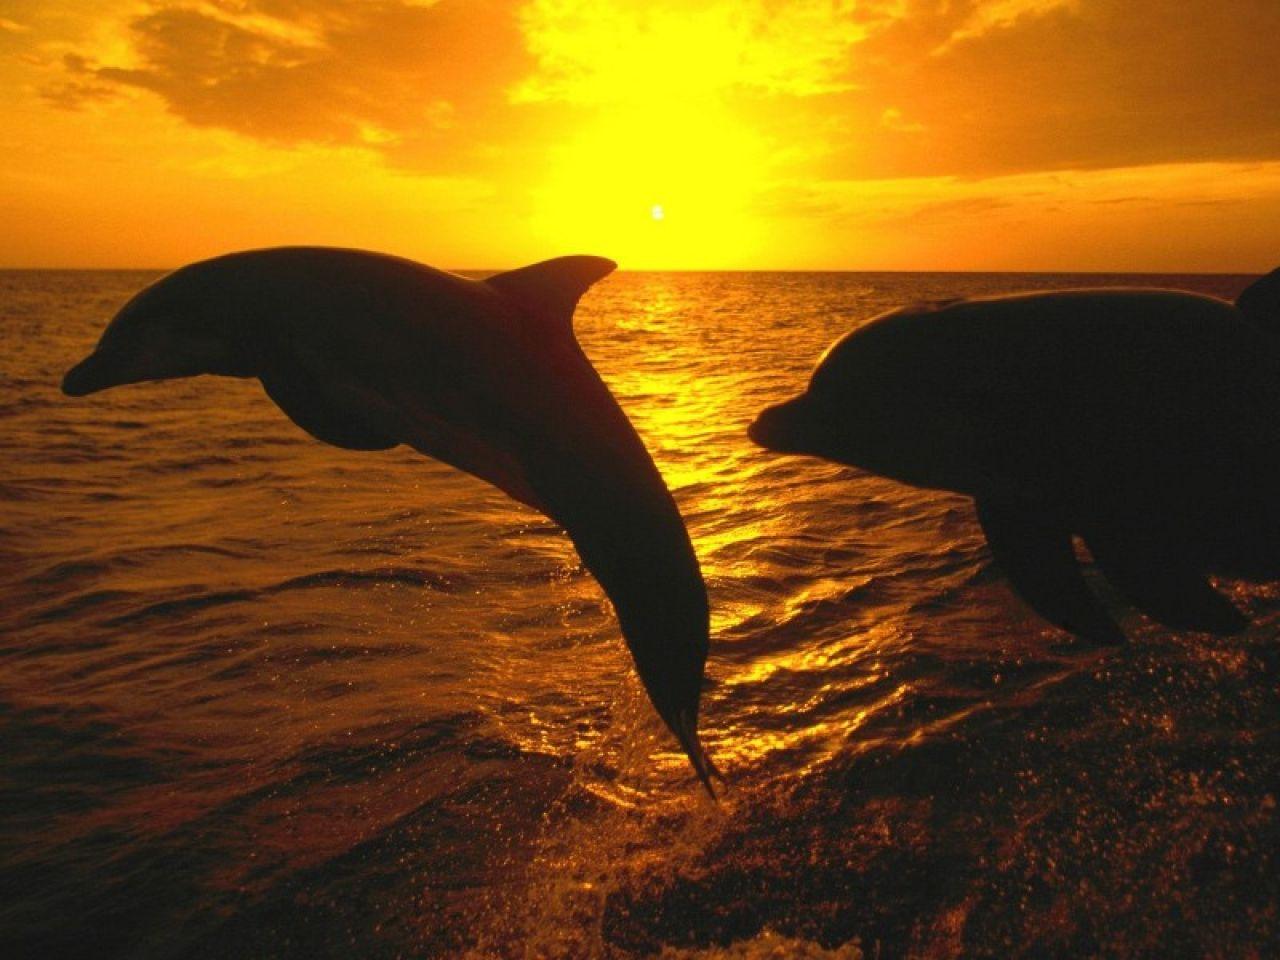 Bienvenidos al nuevo foro de apoyo a Noe #250 / 28.04.15 ~ 30.04.15 - Página 3 Paisajes-con-animales-delfines